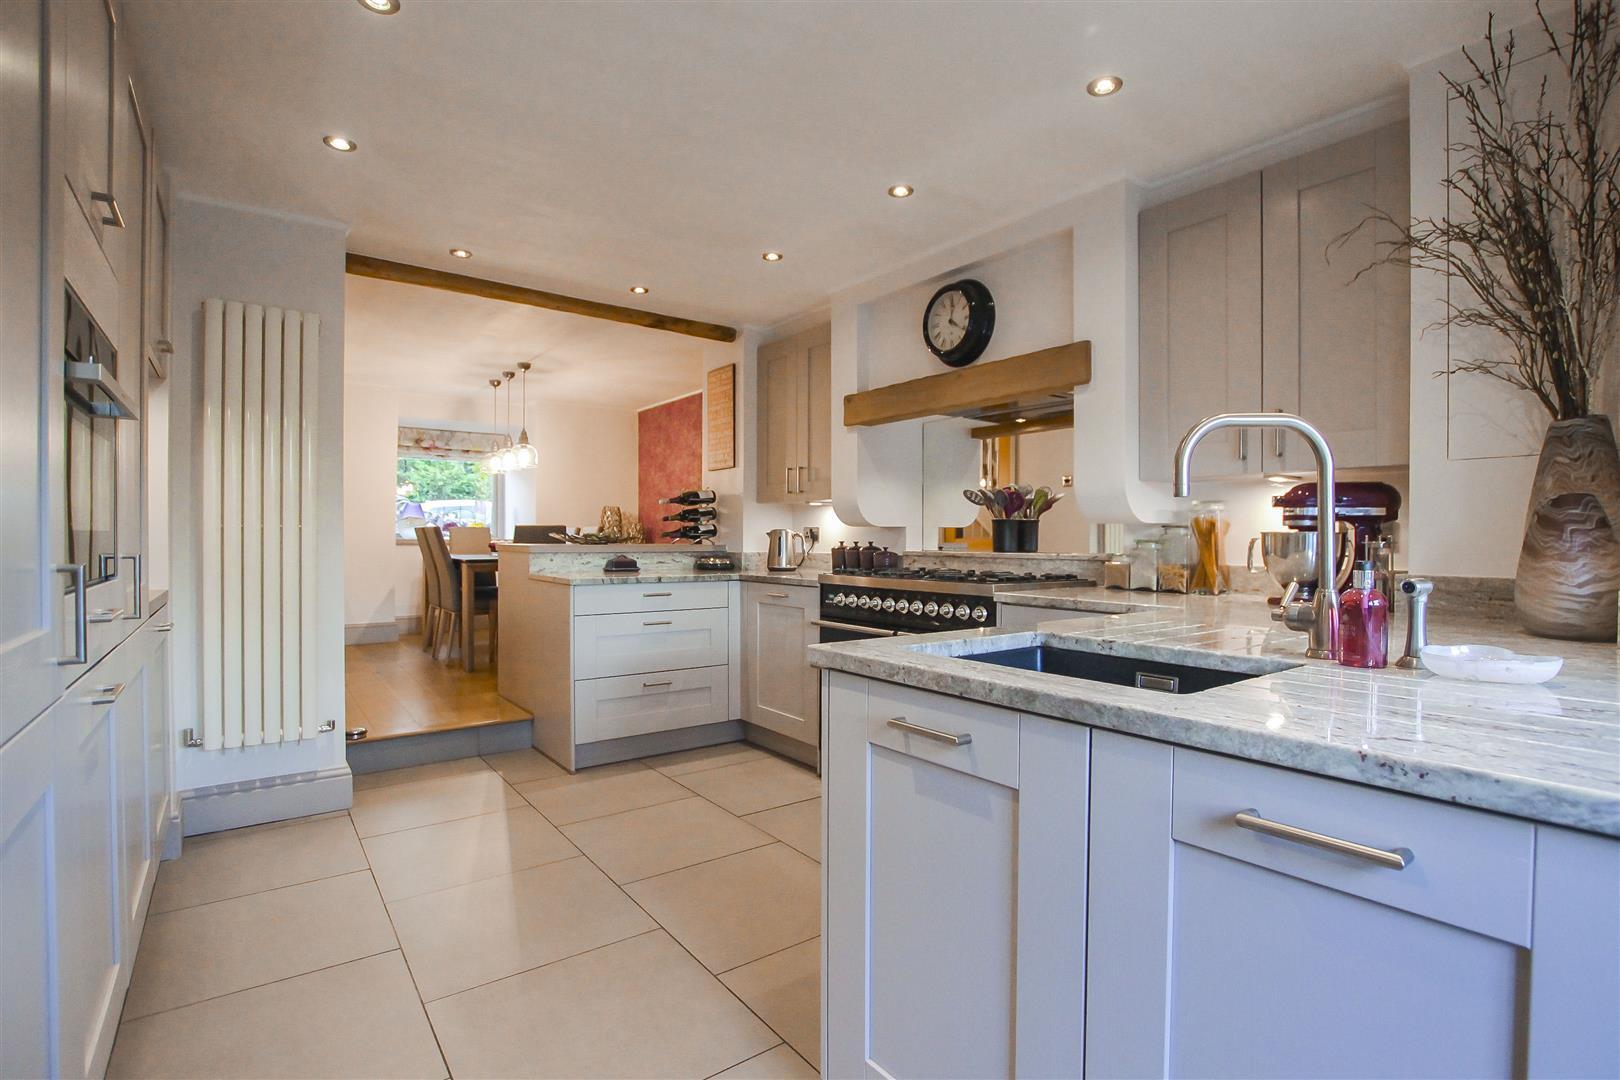 3 Bedroom Cottage For Sale - Kitchen